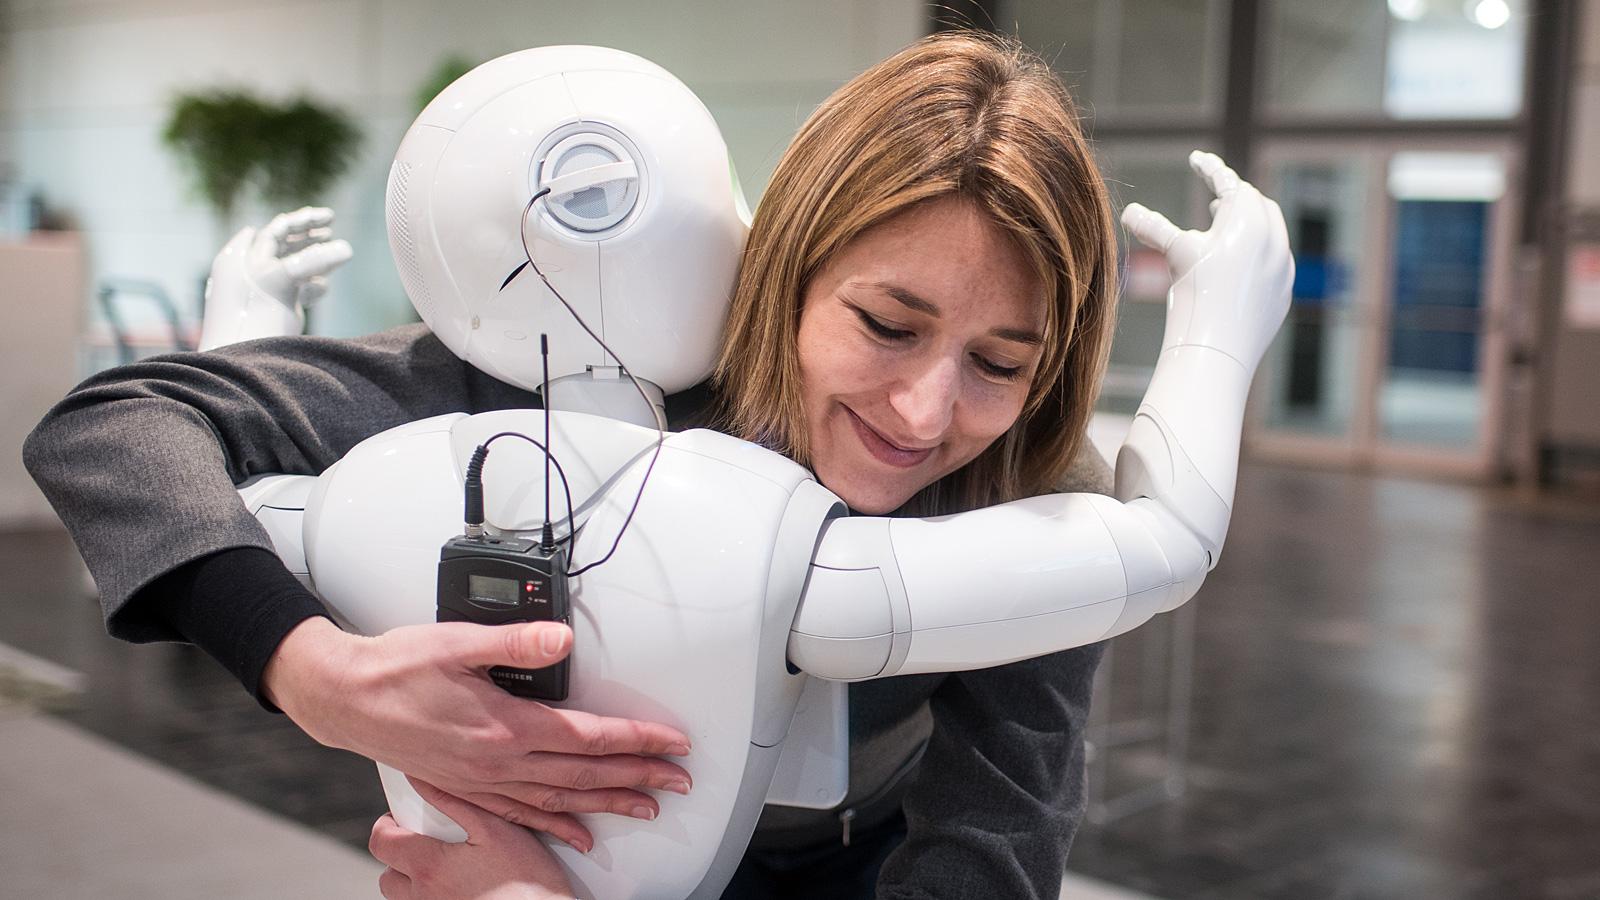 Umarmung mit einem Roboter